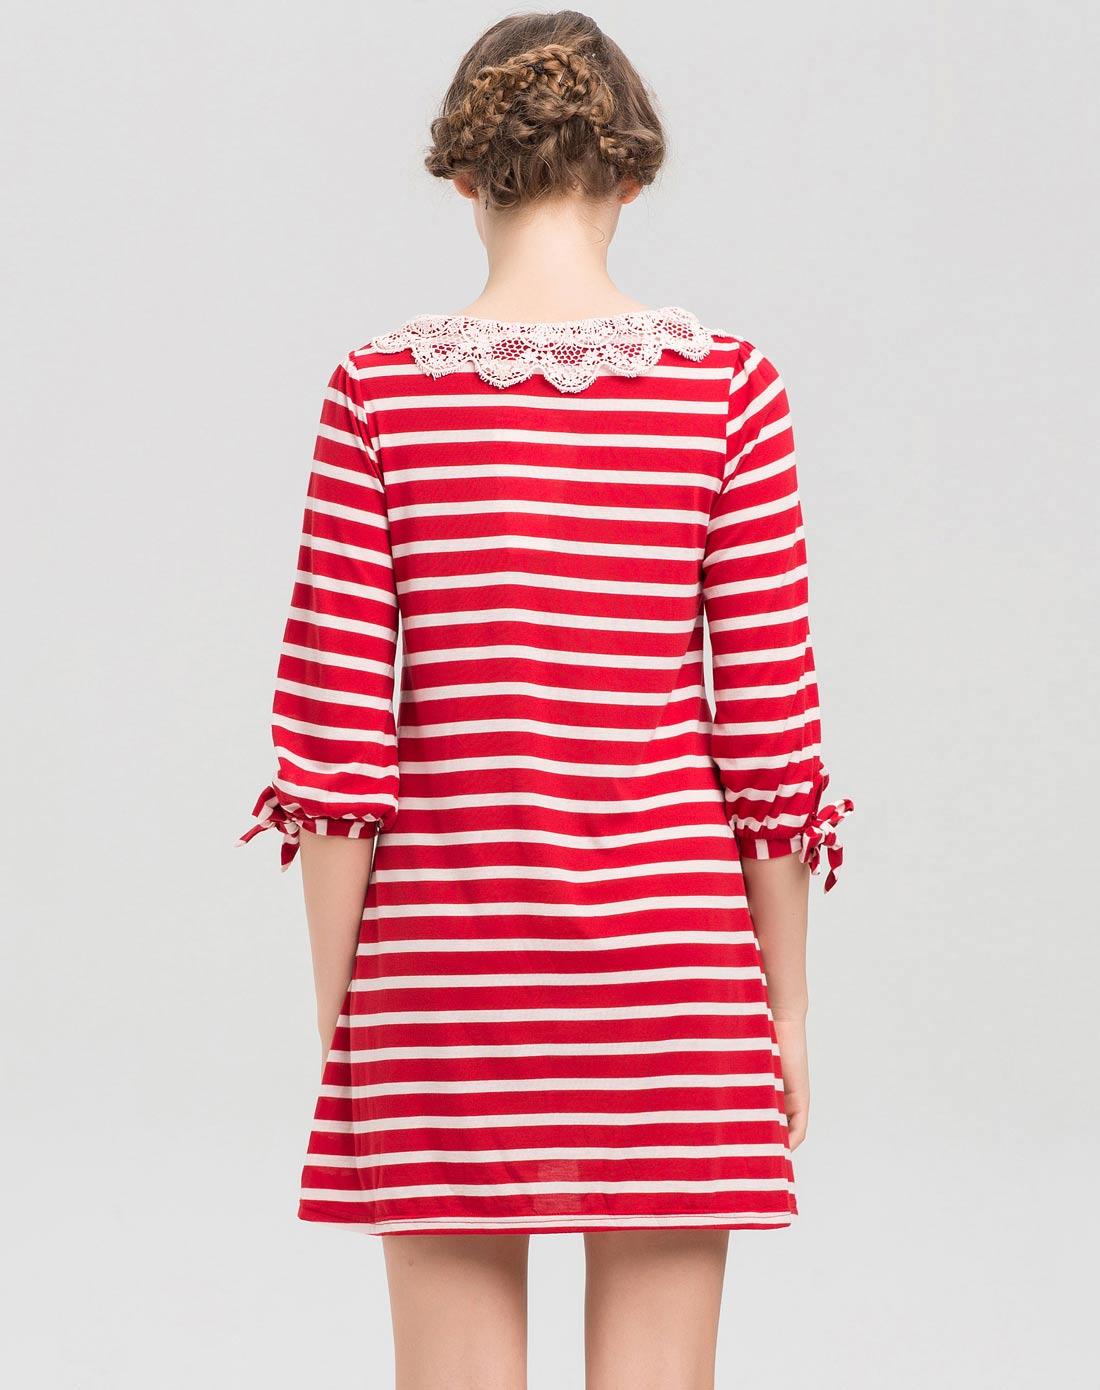 > 红白条纹针织短袖连衣裙